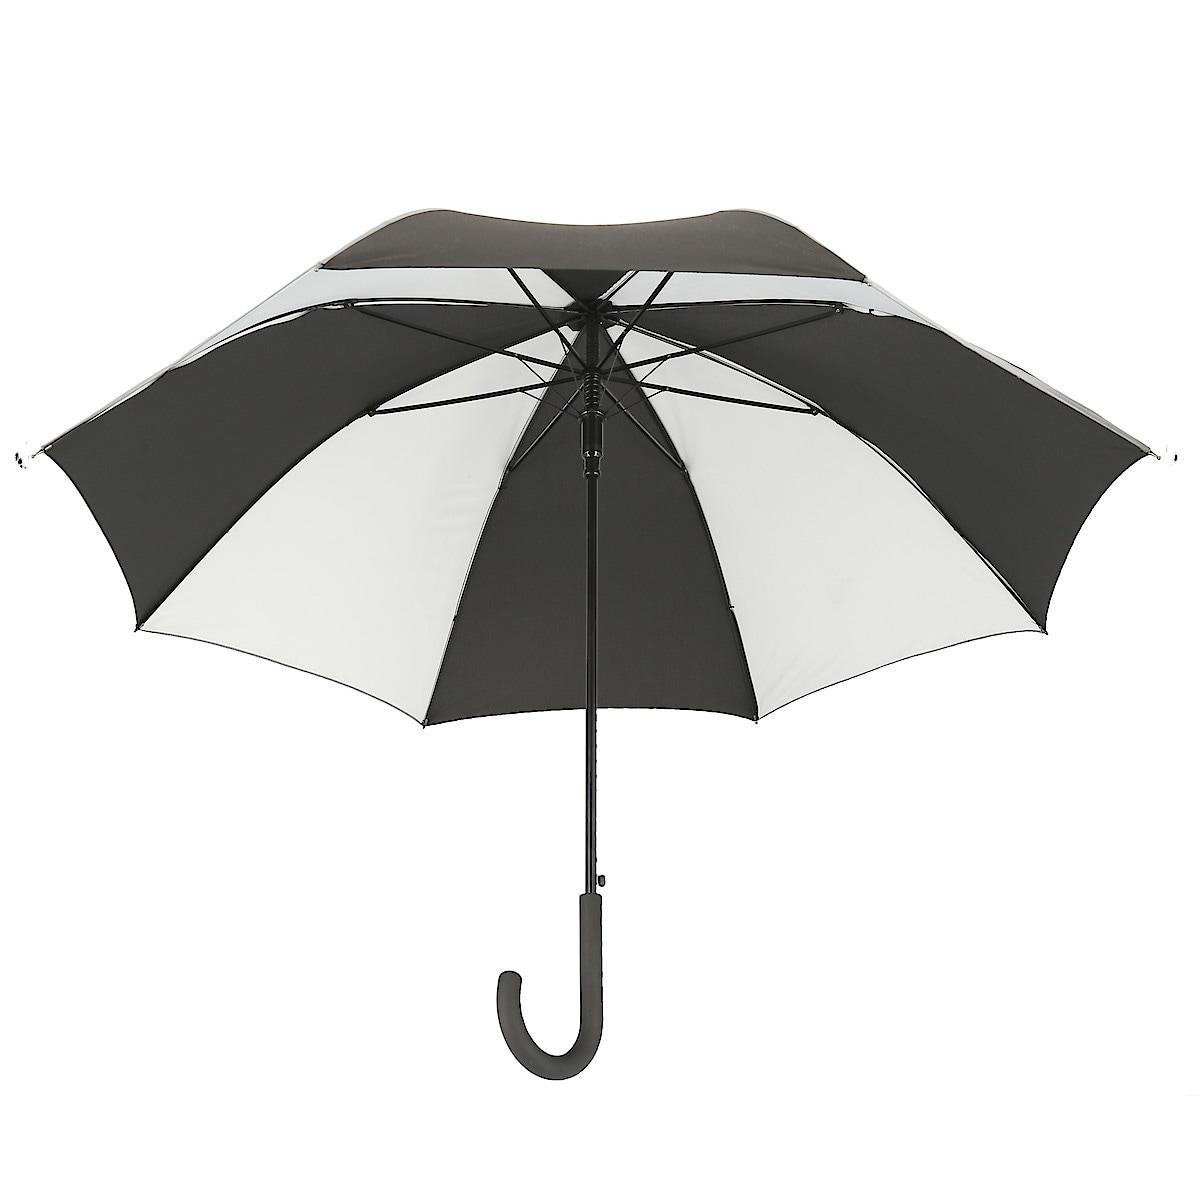 Paraply med reflex 100 cm Asaklitt